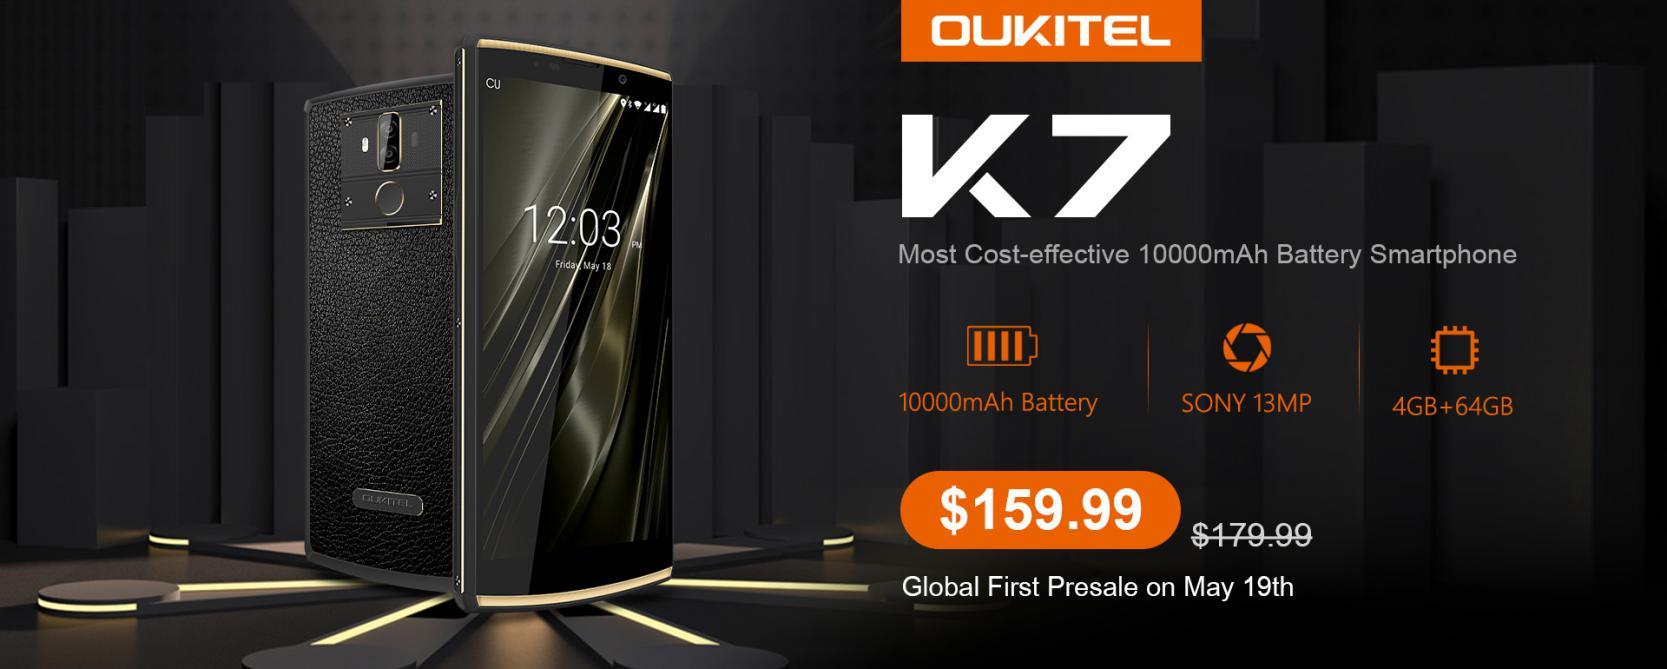 OUKITEL K7 е четвърто поколение смартфони на OUKITEL с мощни